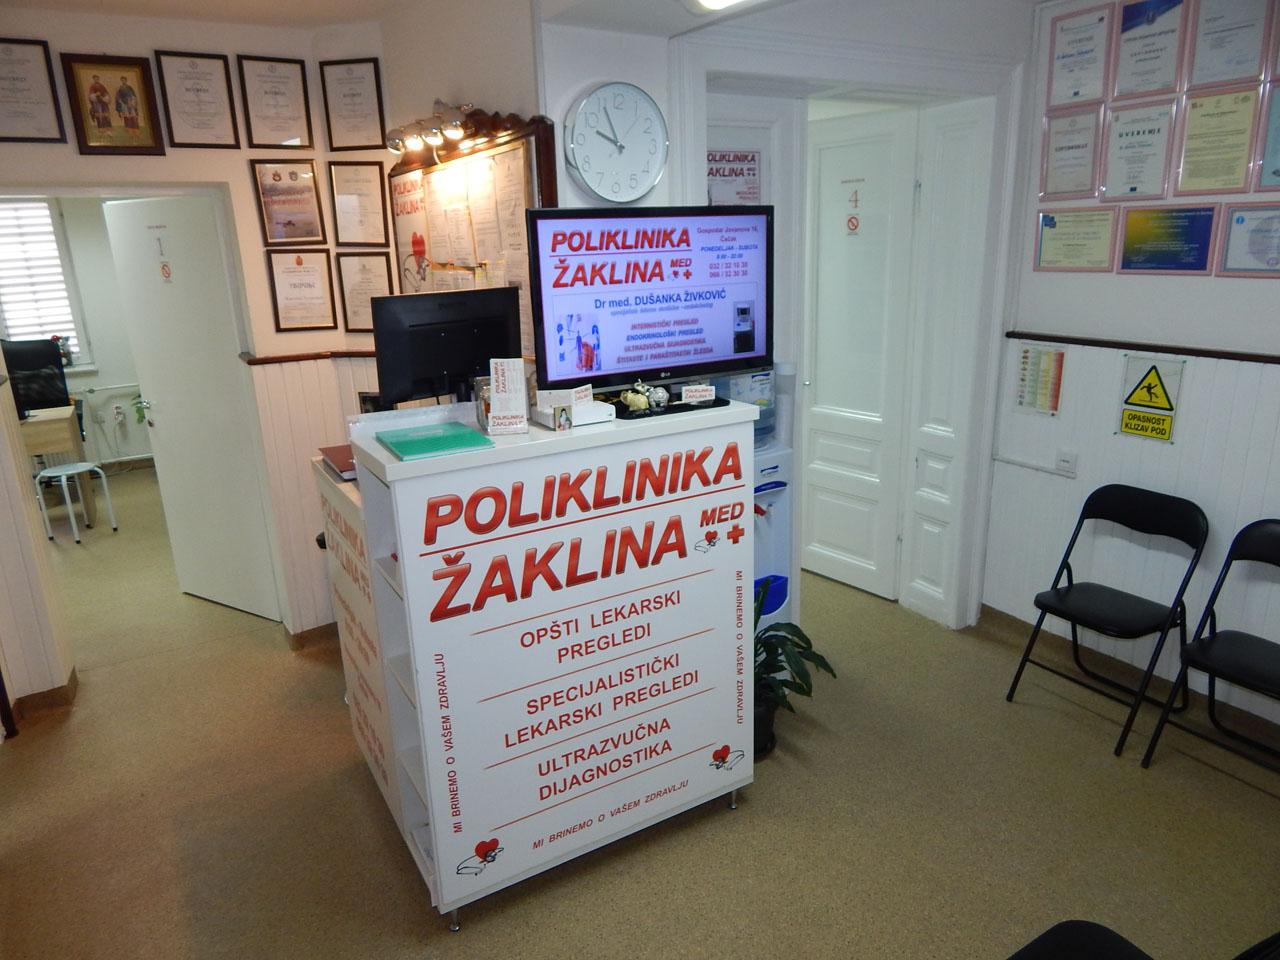 POLIKLINIKA ŽAKLINA MED Poliklinike Čačak